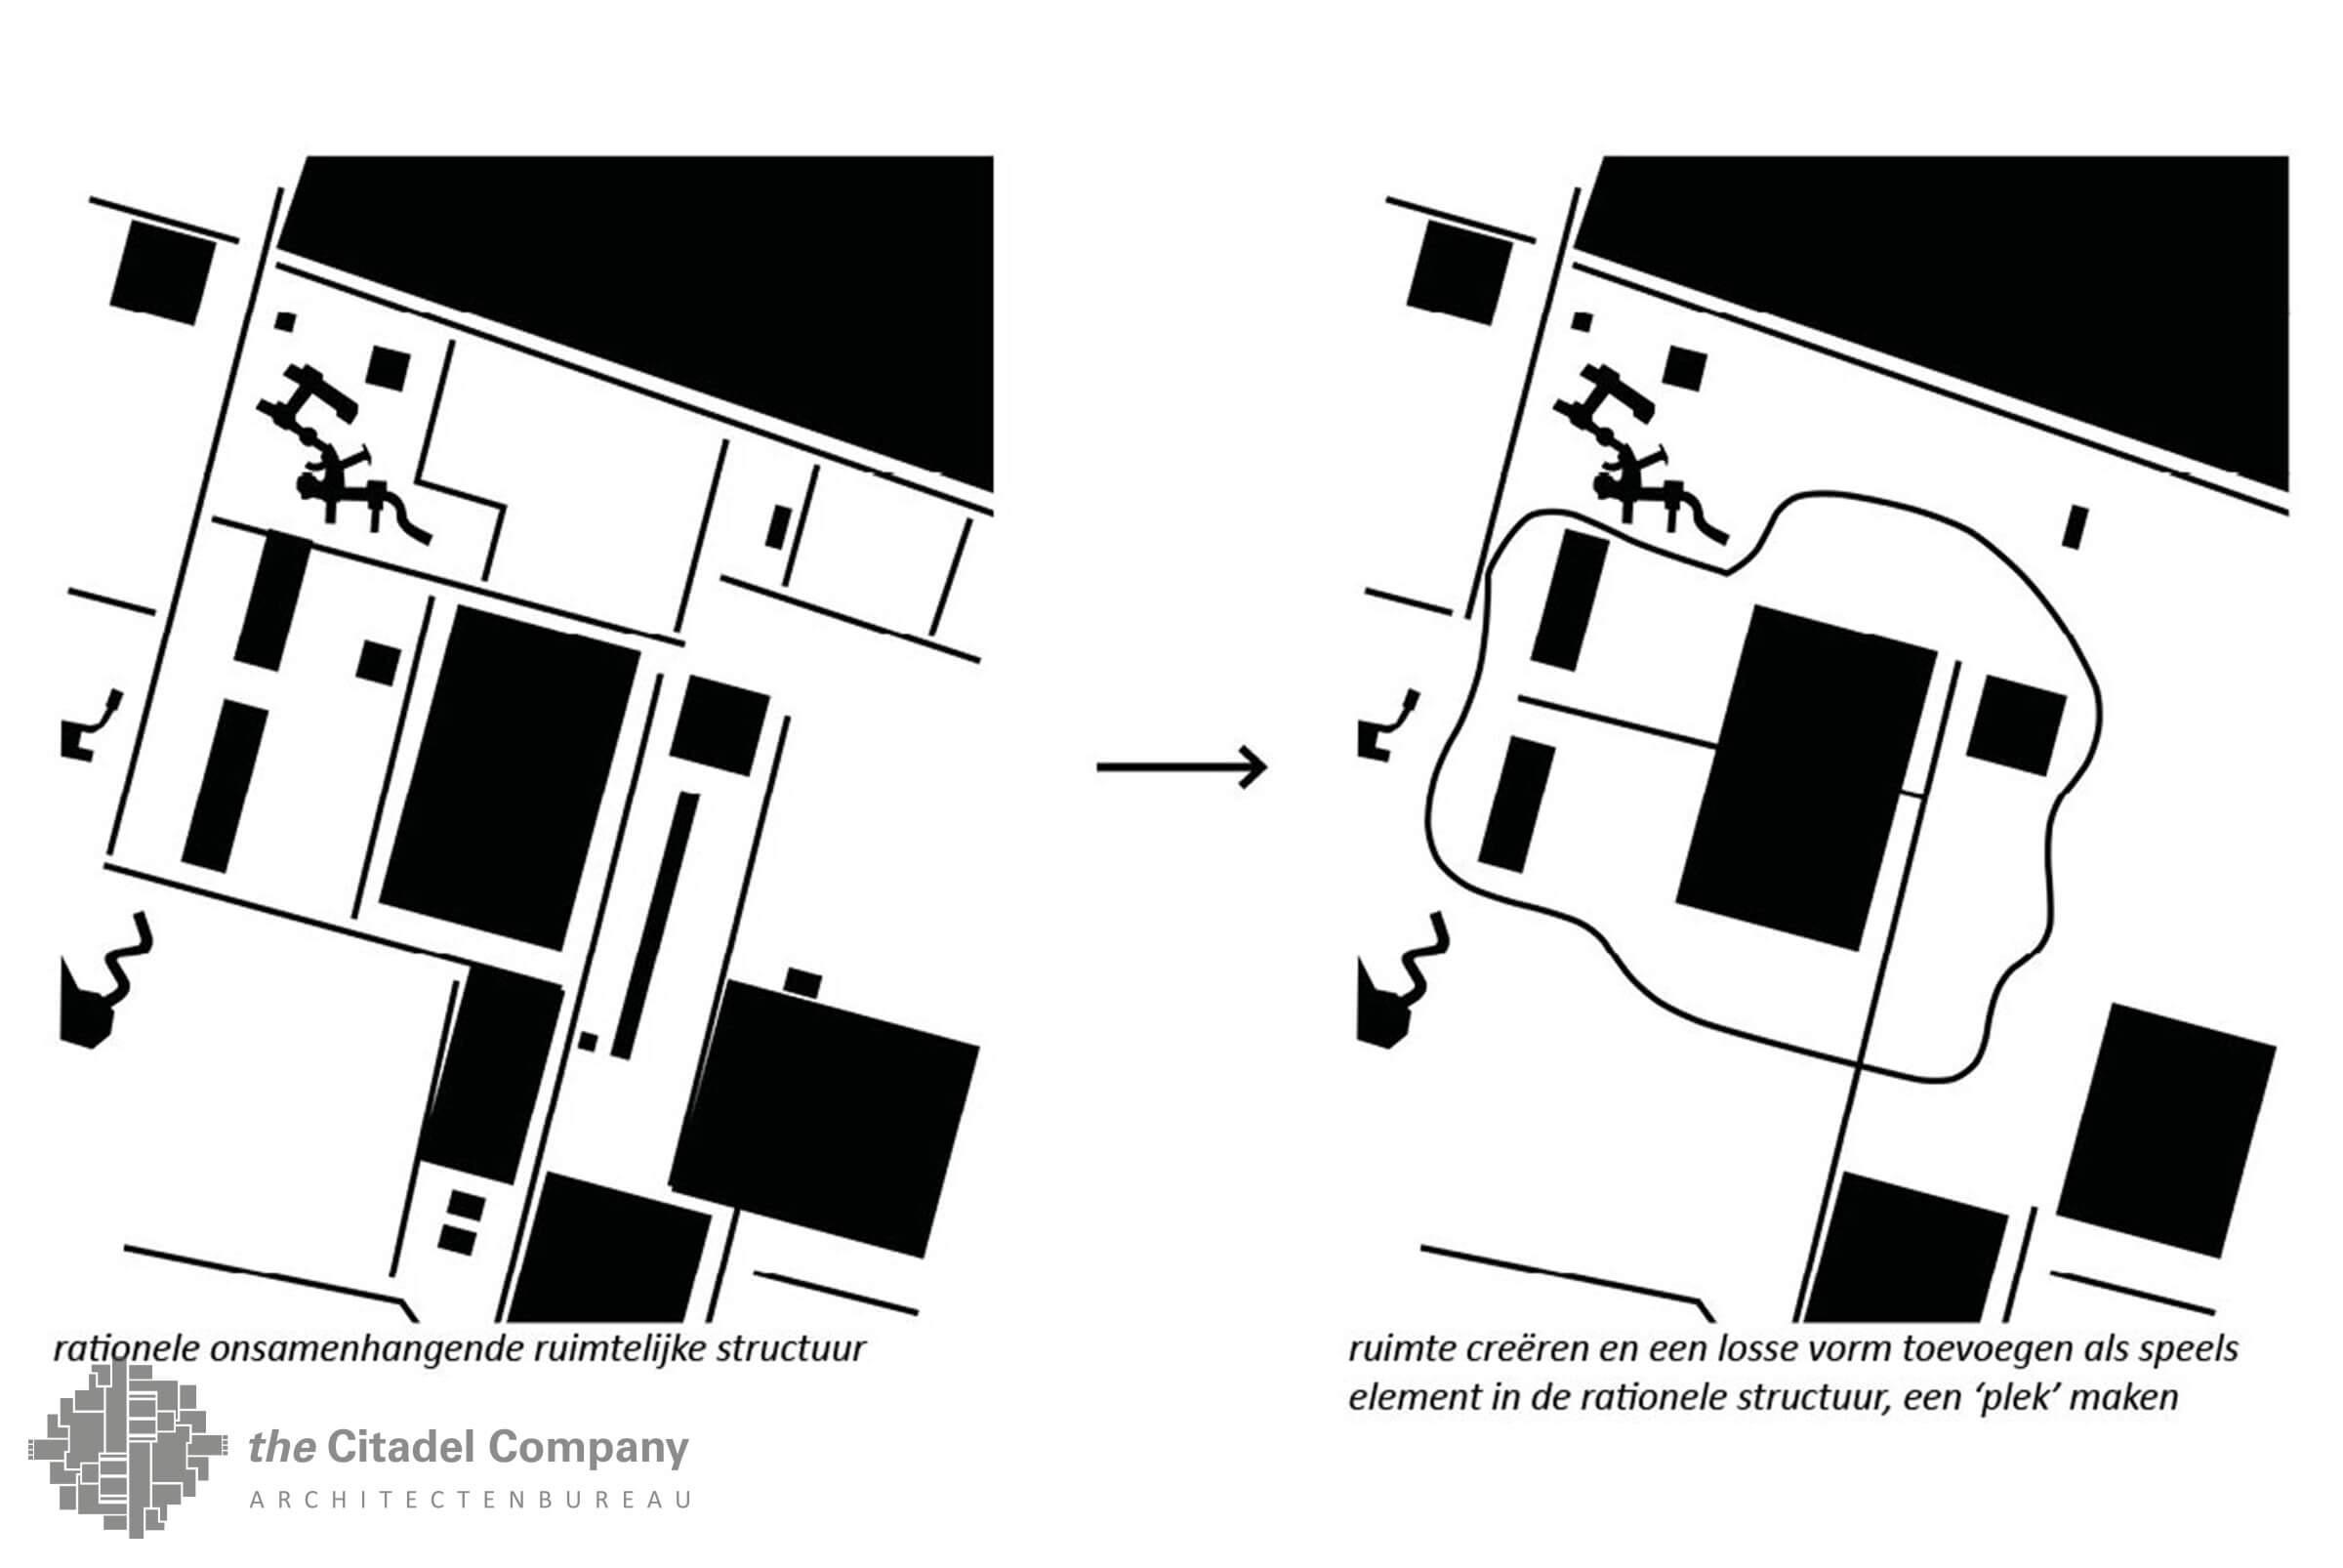 Terreininrichtingsplan de Flierefluiter, Raalte_nieuwe ruimtelijke structuur